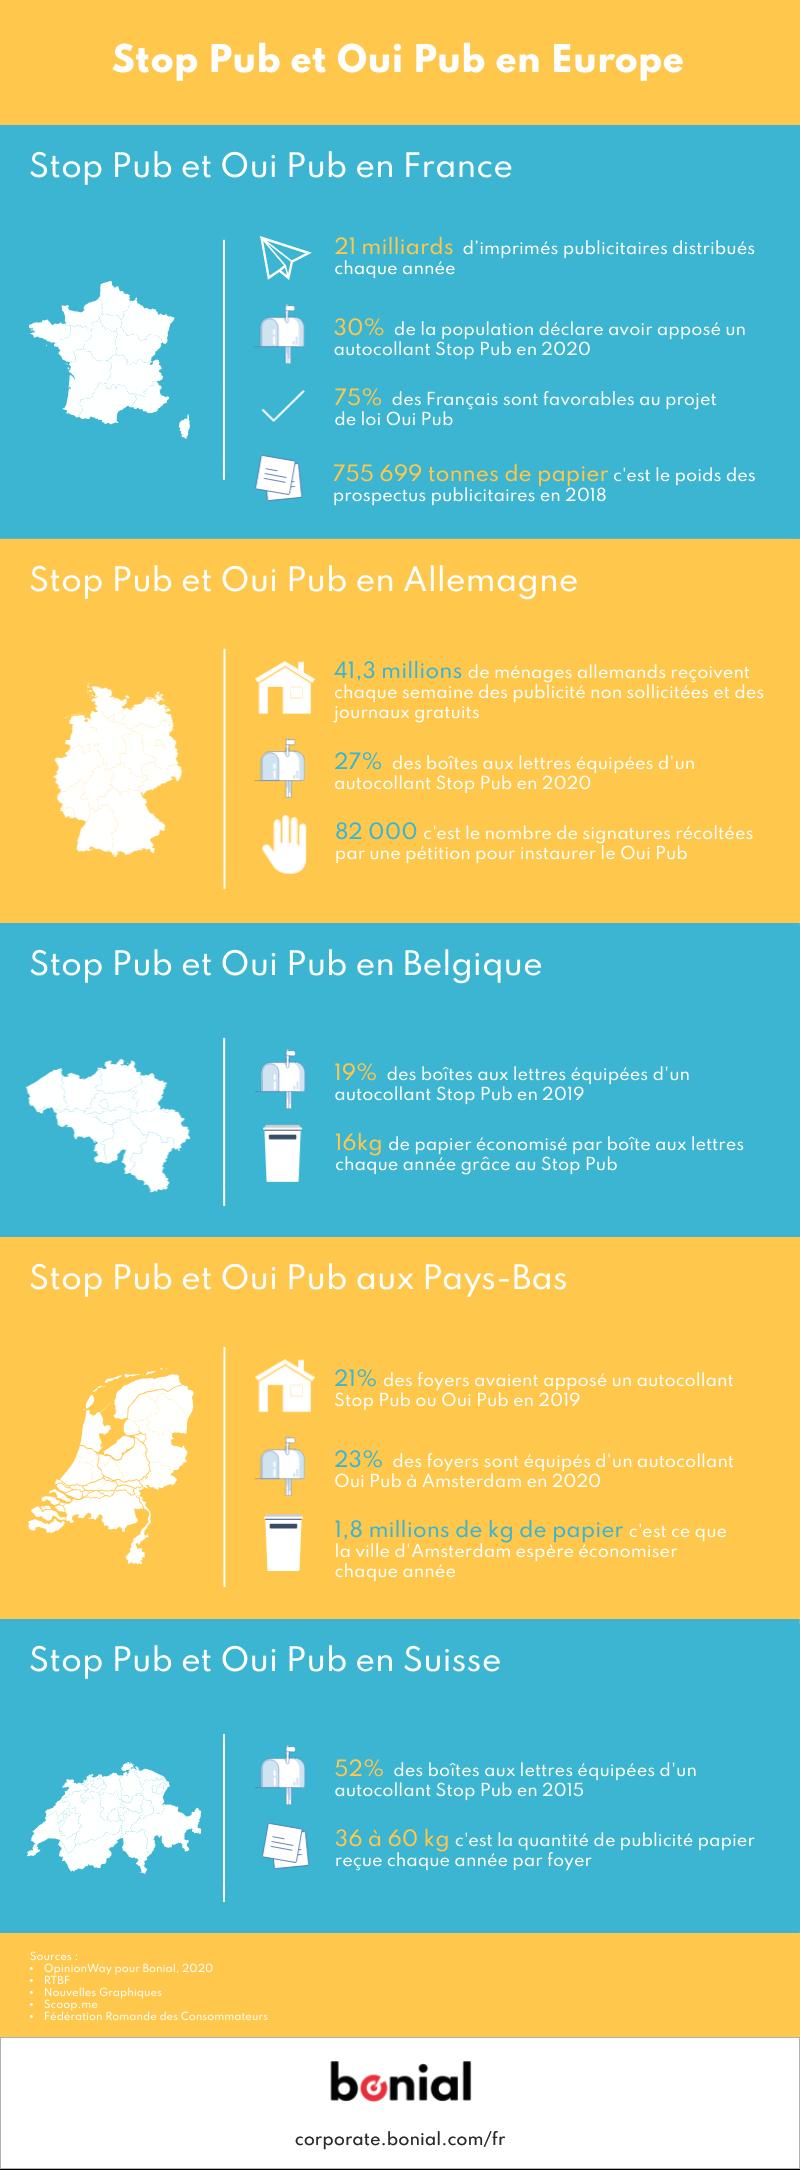 Bonial-Stop-Pub-et-Oui-Pub-en-Europe-1